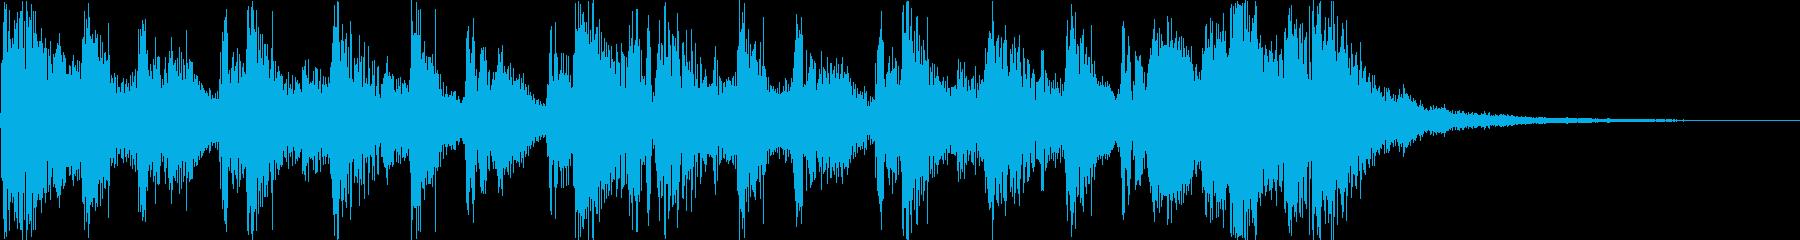 ジングル・クラップ・ベース・オープニングの再生済みの波形